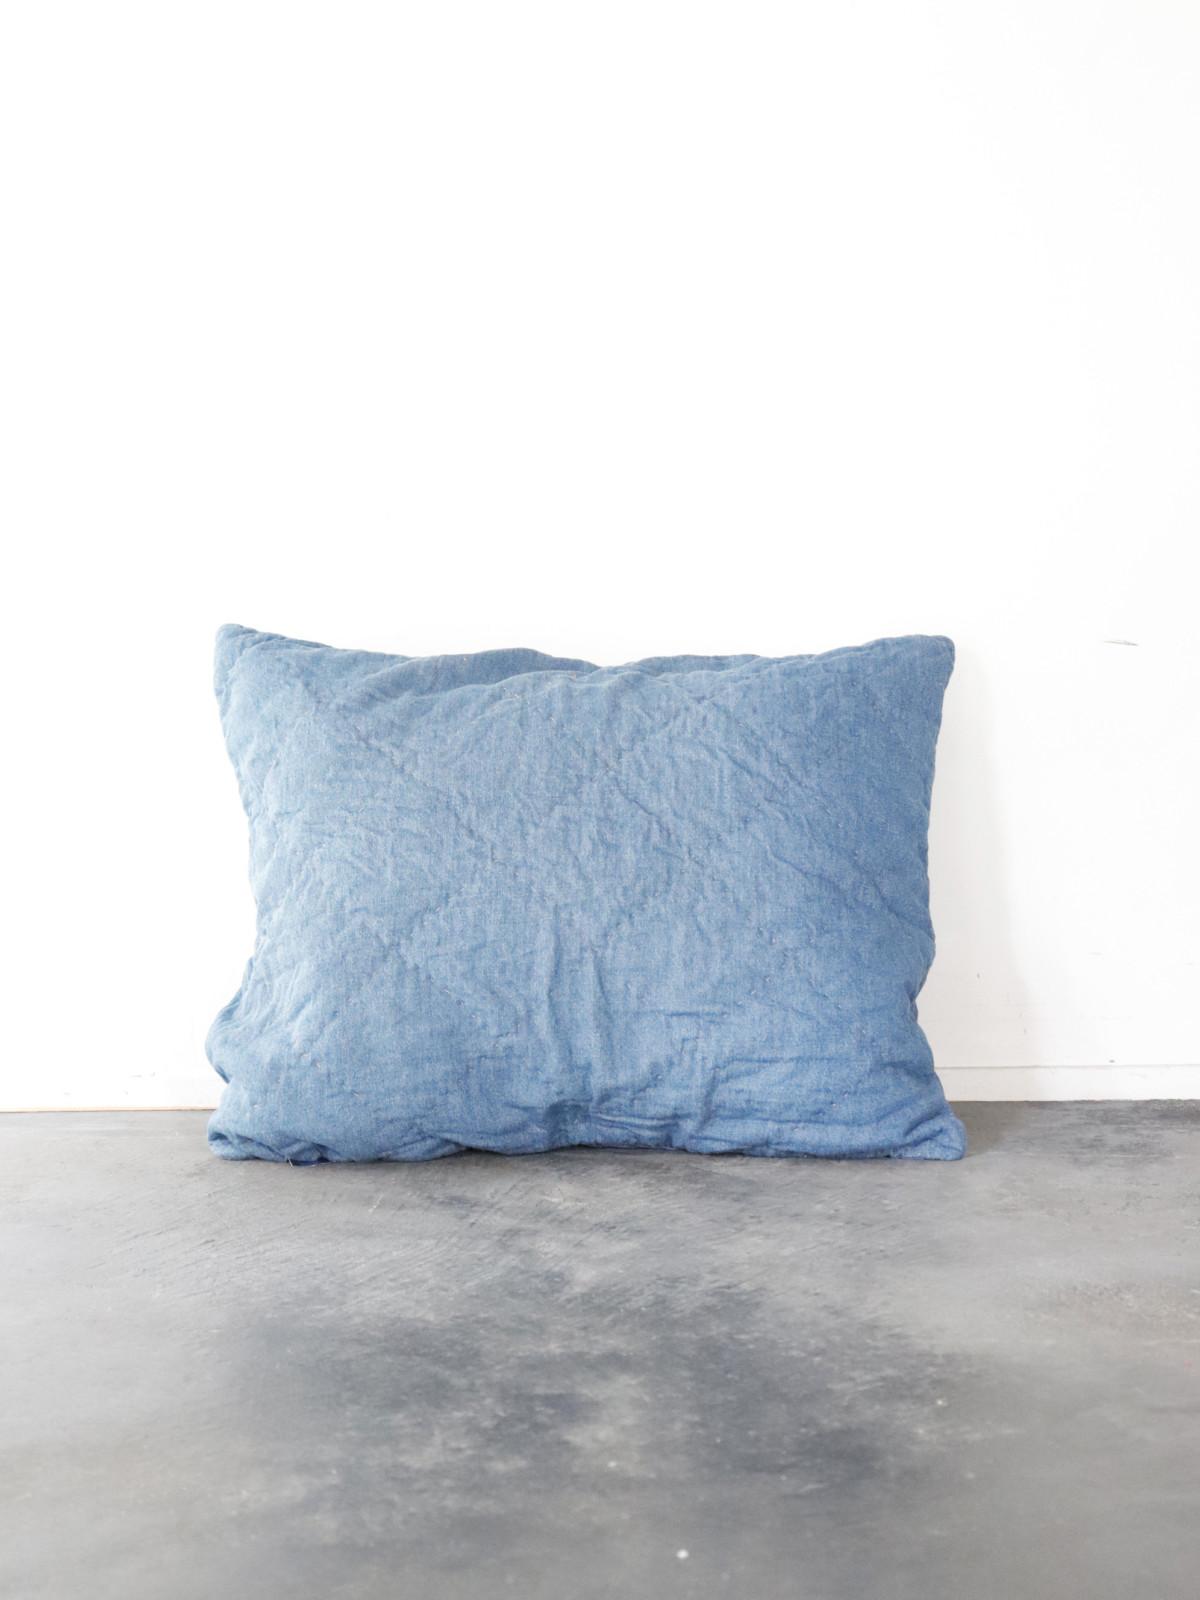 Woolrich, cushion, usa